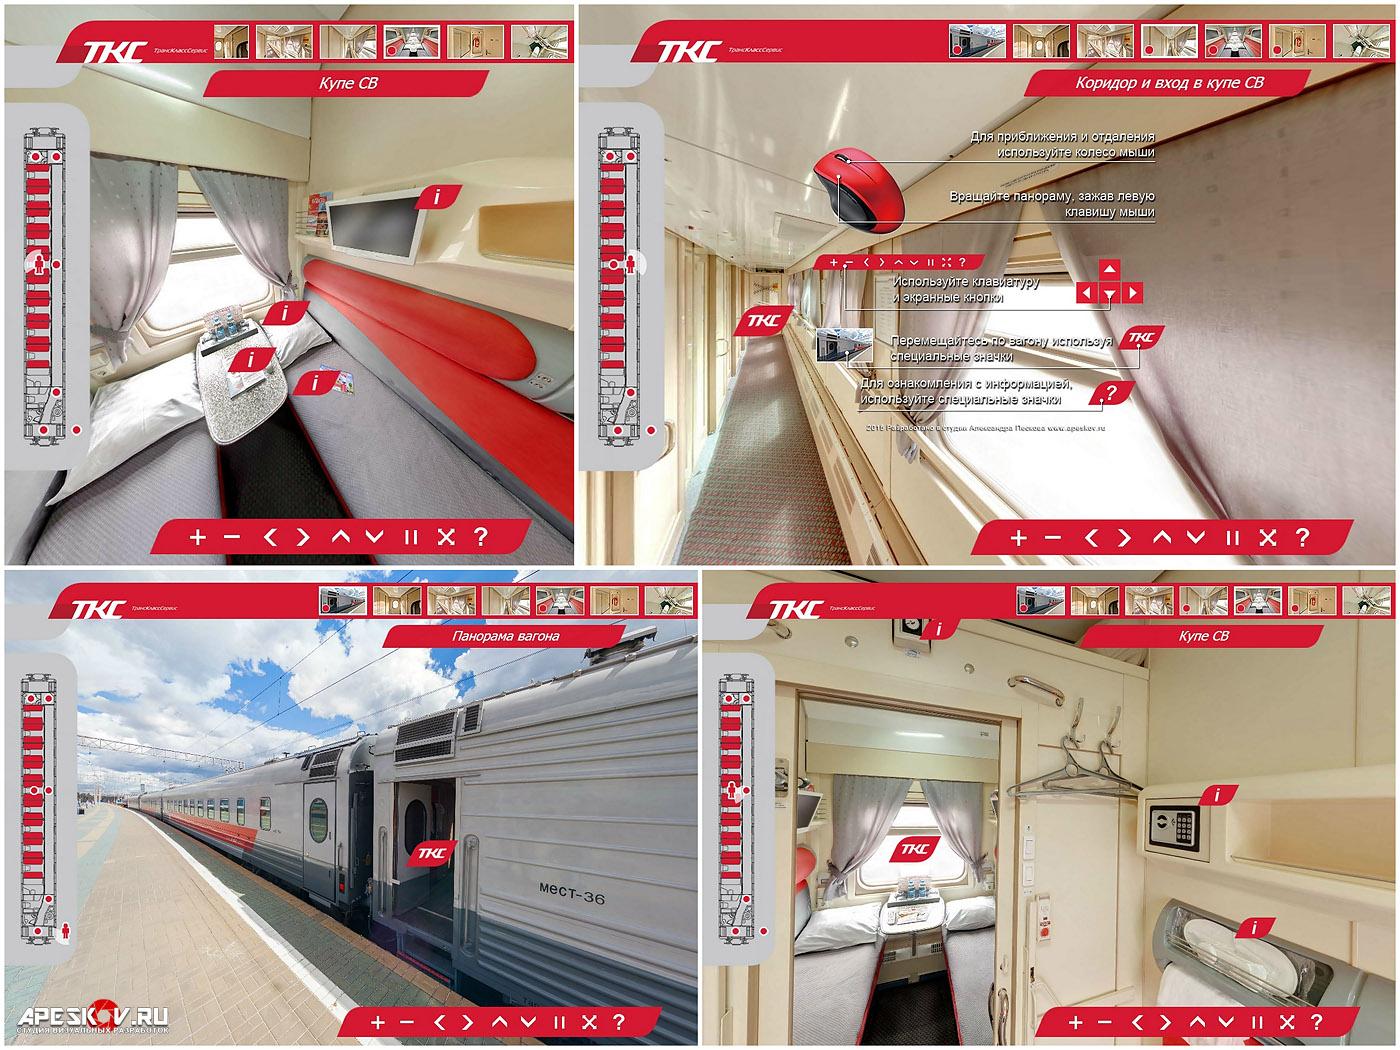 Виртуальный тур по вагону СВ ТрансКлассСервис